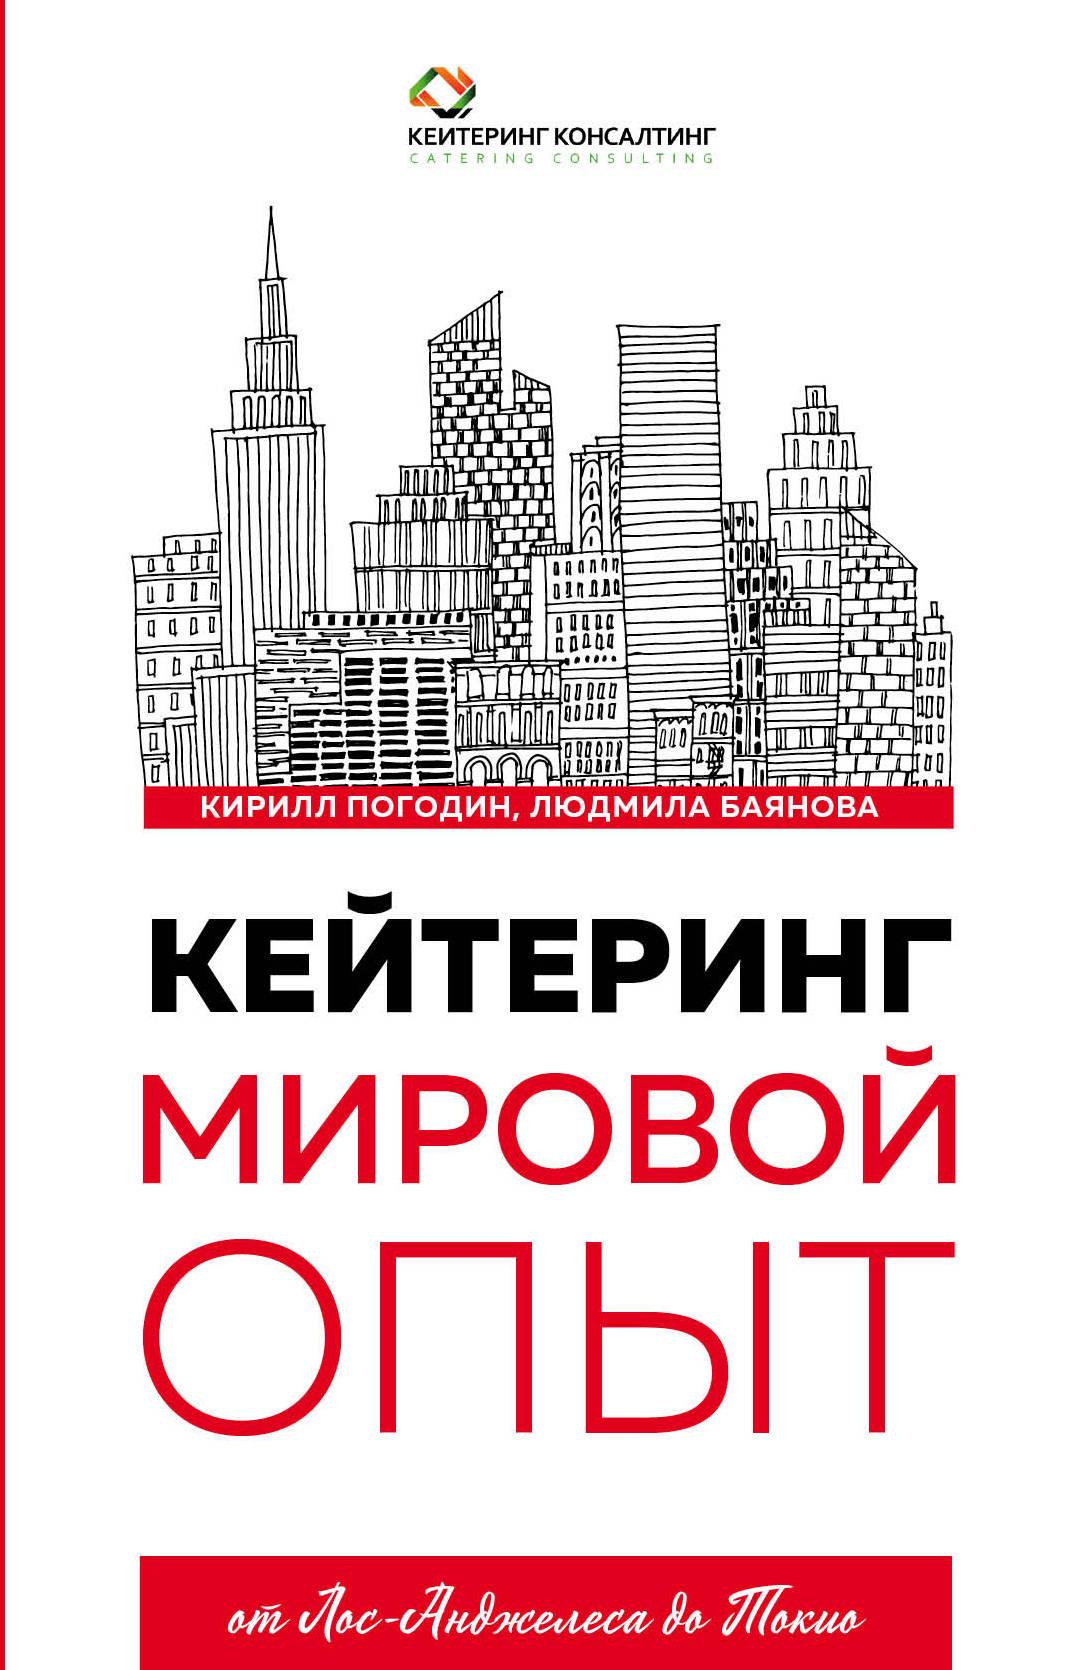 Кирилл Погодин, Людмила Баянова Кейтеринг. Мировой опыт